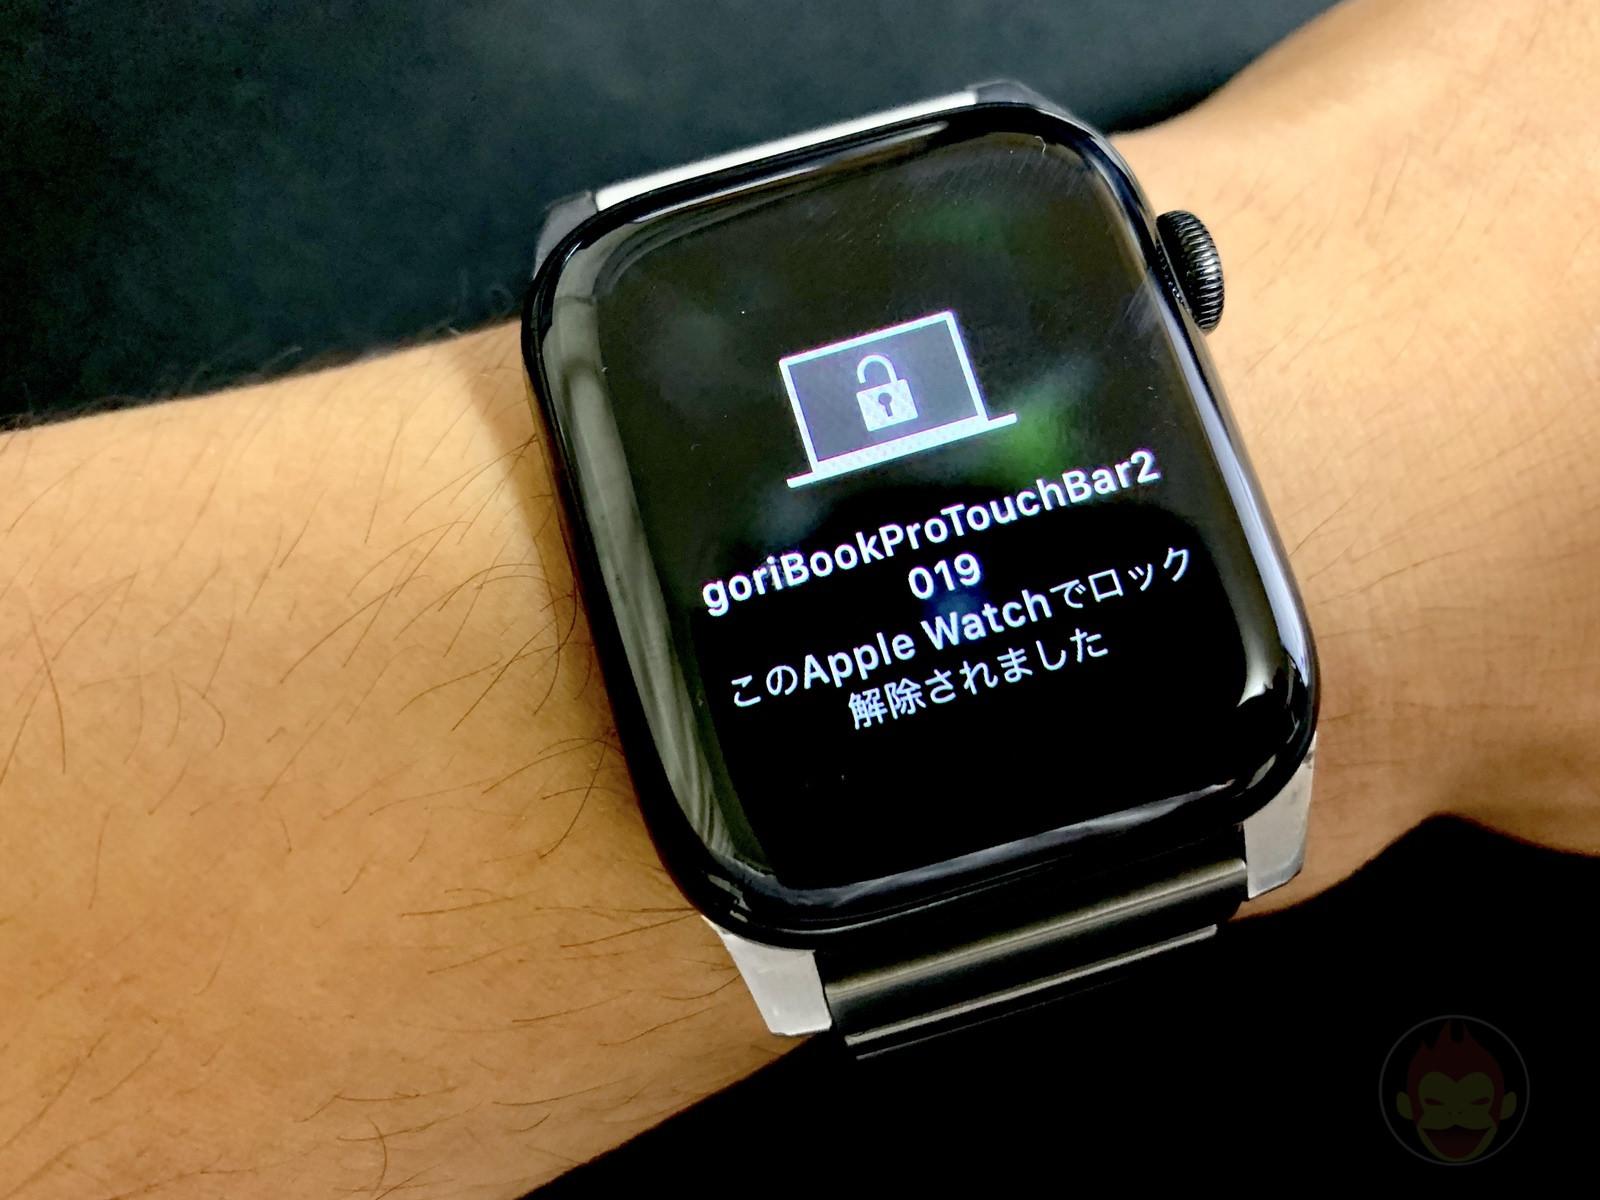 Apple Watchの電池持ちを1分でも長くするための設定まとめ ゴリミー